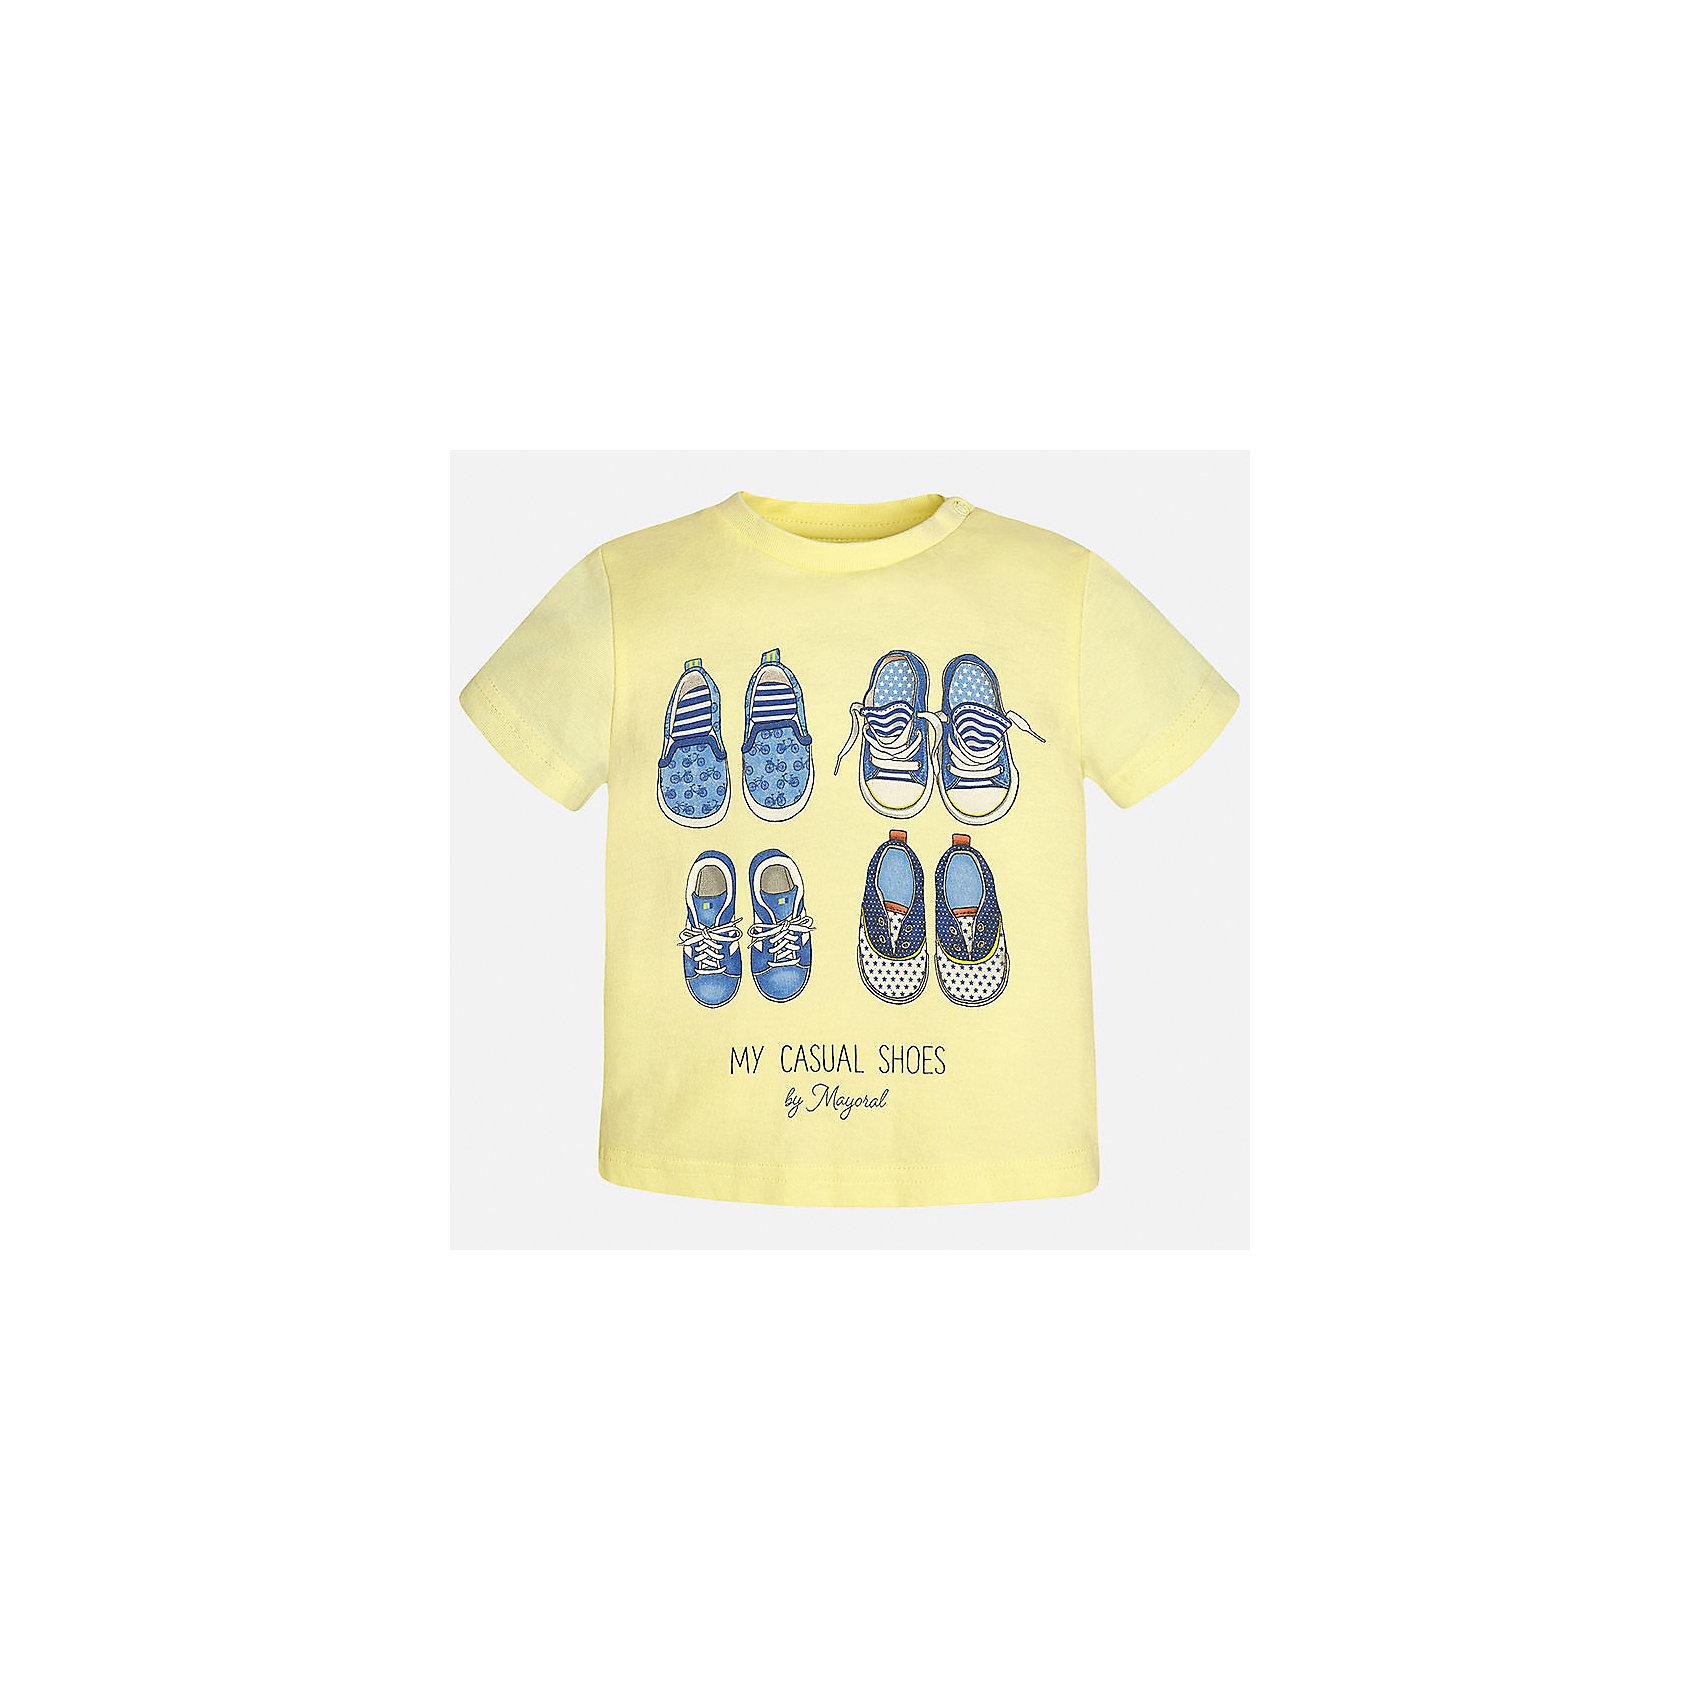 Футболка для мальчика MayoralФутболки, поло и топы<br>Характеристики товара:<br><br>• цвет: желтый<br>• состав: 100% хлопок<br>• круглый горловой вырез<br>• декорирована принтом<br>• короткие рукава<br>• мягкая отделка горловины<br>• страна бренда: Испания<br><br>Стильная удобная футболка с принтом поможет разнообразить гардероб мальчика. Она отлично сочетается с брюками, шортами, джинсами. Универсальный крой и цвет позволяет подобрать к вещи низ разных расцветок. Практичное и стильное изделие! Хорошо смотрится и комфортно сидит на детях. В составе материала - натуральный хлопок, гипоаллергенный, приятный на ощупь, дышащий. <br><br>Одежда, обувь и аксессуары от испанского бренда Mayoral полюбились детям и взрослым по всему миру. Модели этой марки - стильные и удобные. Для их производства используются только безопасные, качественные материалы и фурнитура. Порадуйте ребенка модными и красивыми вещами от Mayoral! <br><br>Футболку для мальчика от испанского бренда Mayoral (Майорал) можно купить в нашем интернет-магазине.<br><br>Ширина мм: 199<br>Глубина мм: 10<br>Высота мм: 161<br>Вес г: 151<br>Цвет: оранжевый<br>Возраст от месяцев: 12<br>Возраст до месяцев: 15<br>Пол: Мужской<br>Возраст: Детский<br>Размер: 92,86,80<br>SKU: 5278405